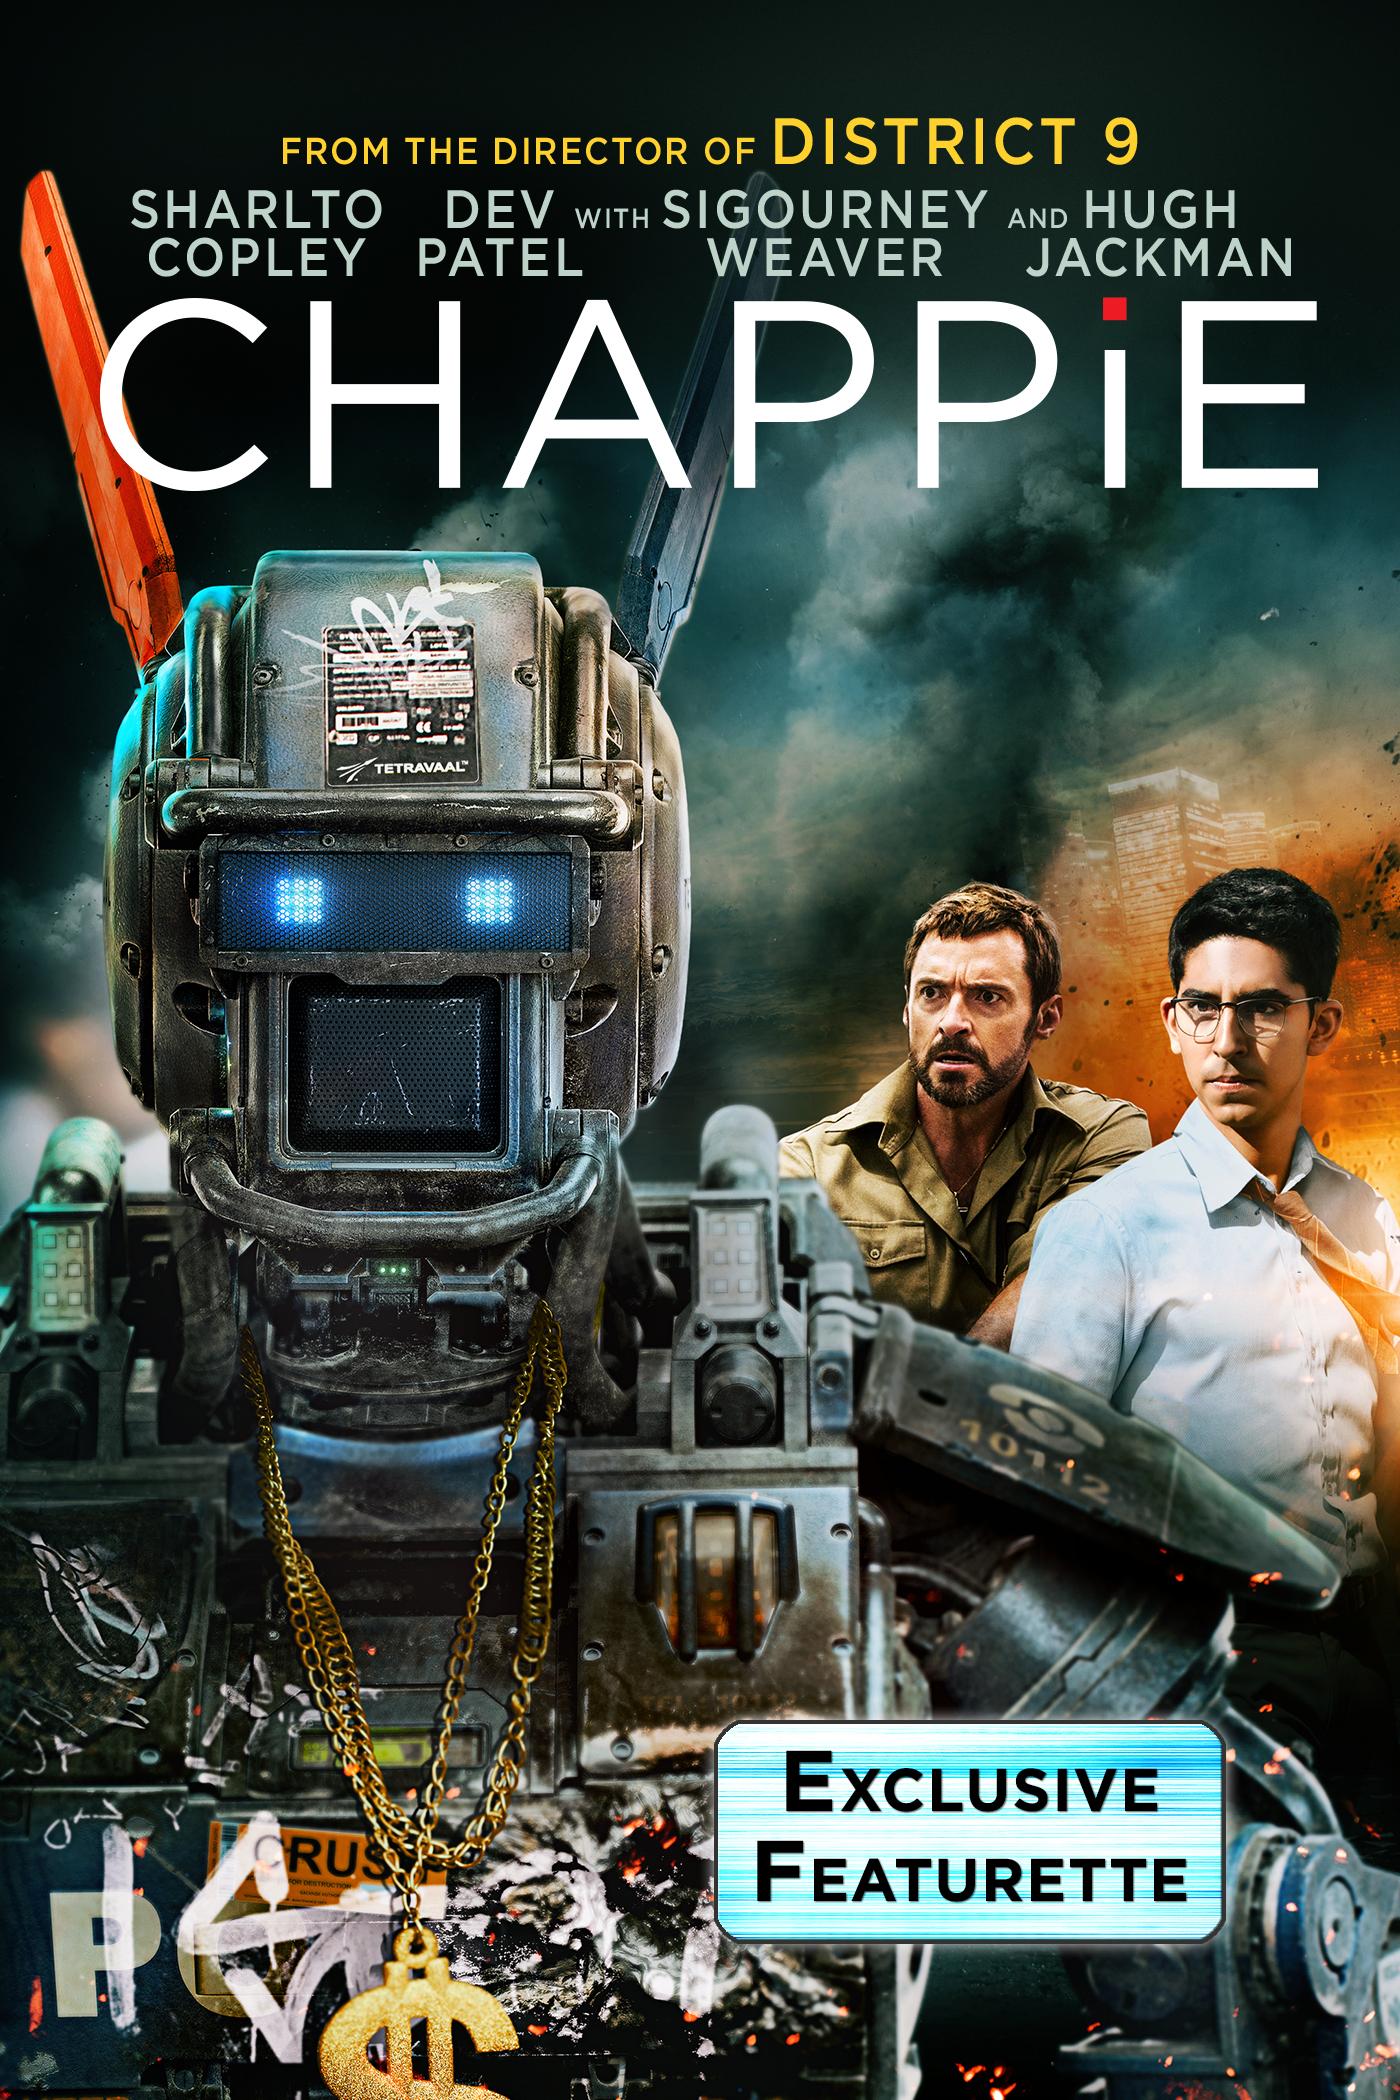 Chappie + Bonus